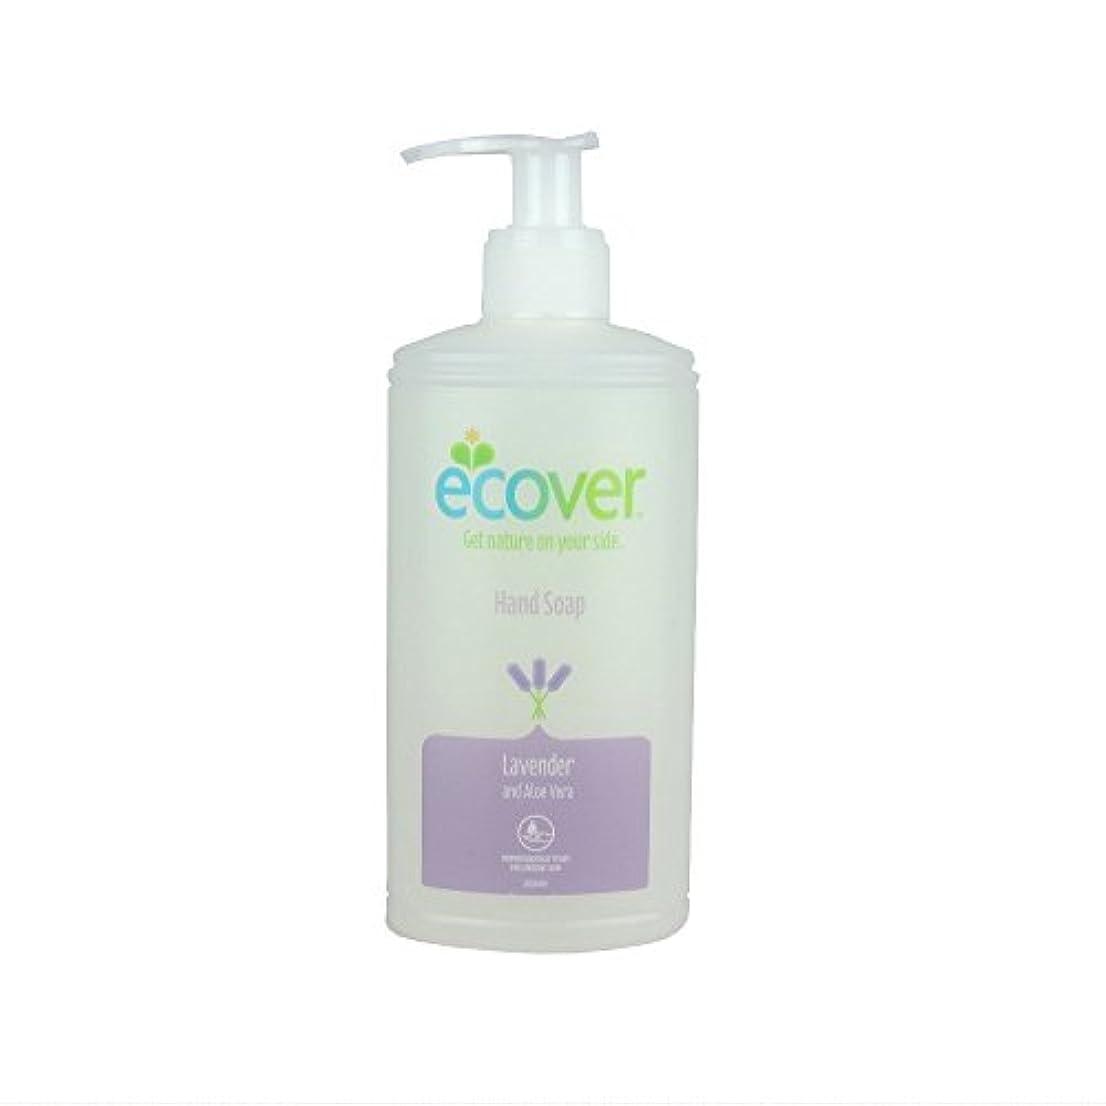 優れた前者シルクEcover Liquid Hand Soap Lavender & Aloe Vera (250ml) 液体ハンドソープラベンダーとアロエベラ( 250ミリリットル)をエコベール